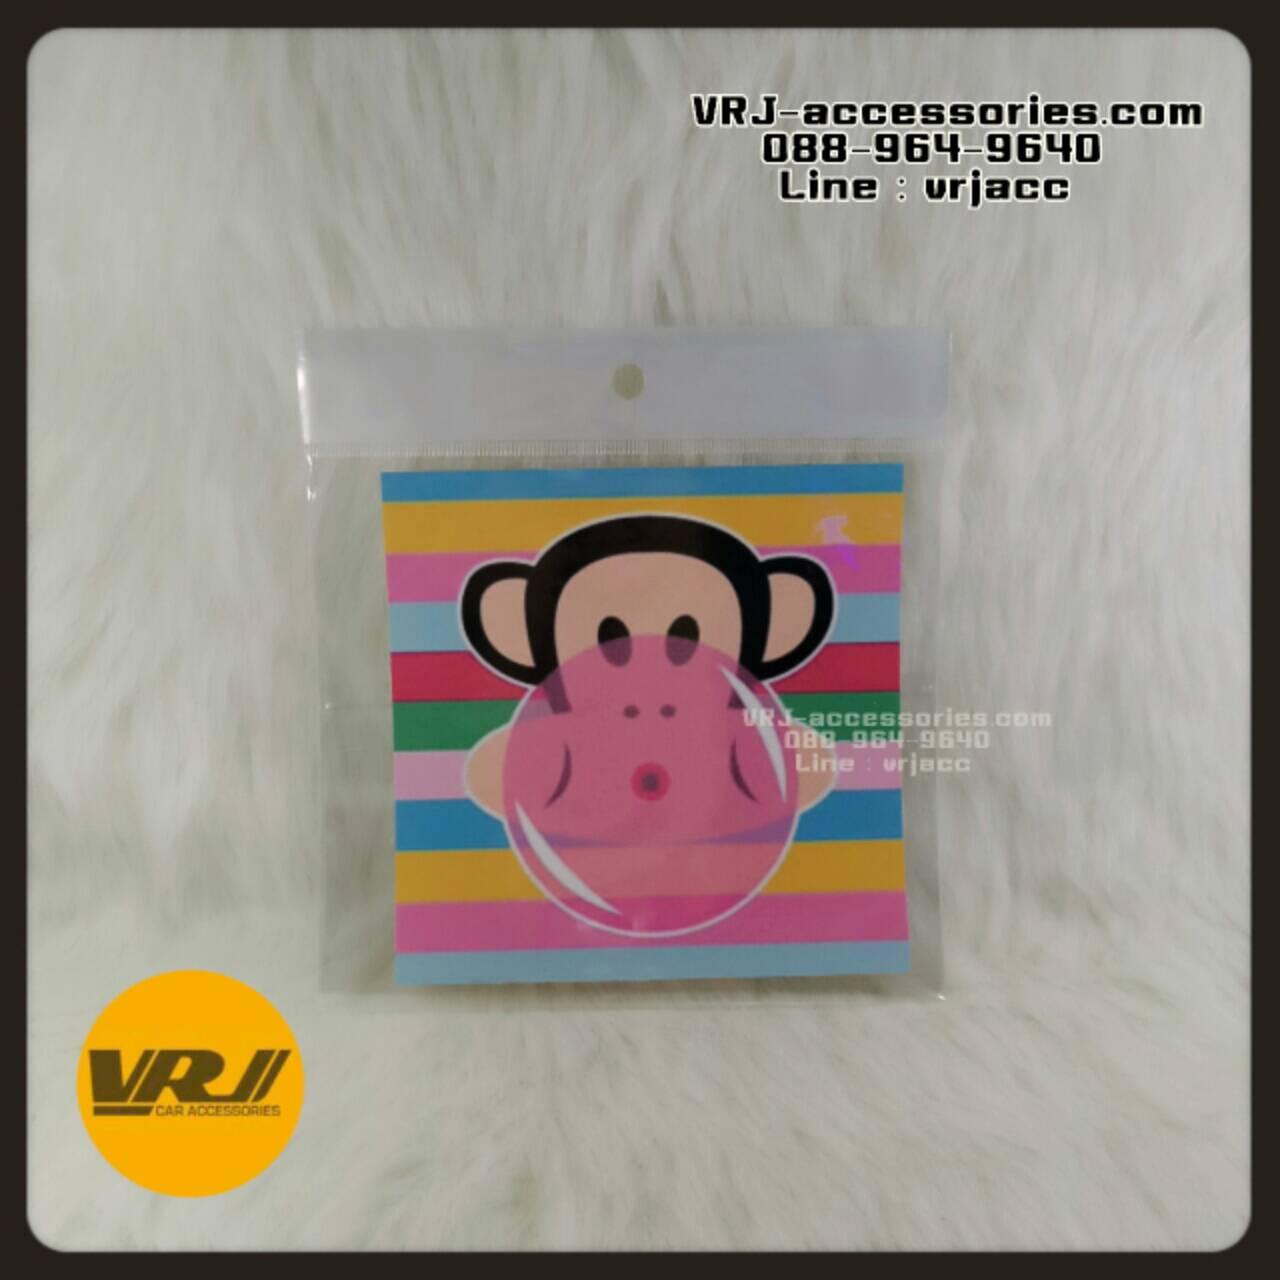 Vj1072 สติ๊กเกอร์ แผ่นสูญญากาศ สำหรับติด พรบ ลาย ลิง พอลแฟรงค์ เป่าลูกโป่ง : Paul Frank